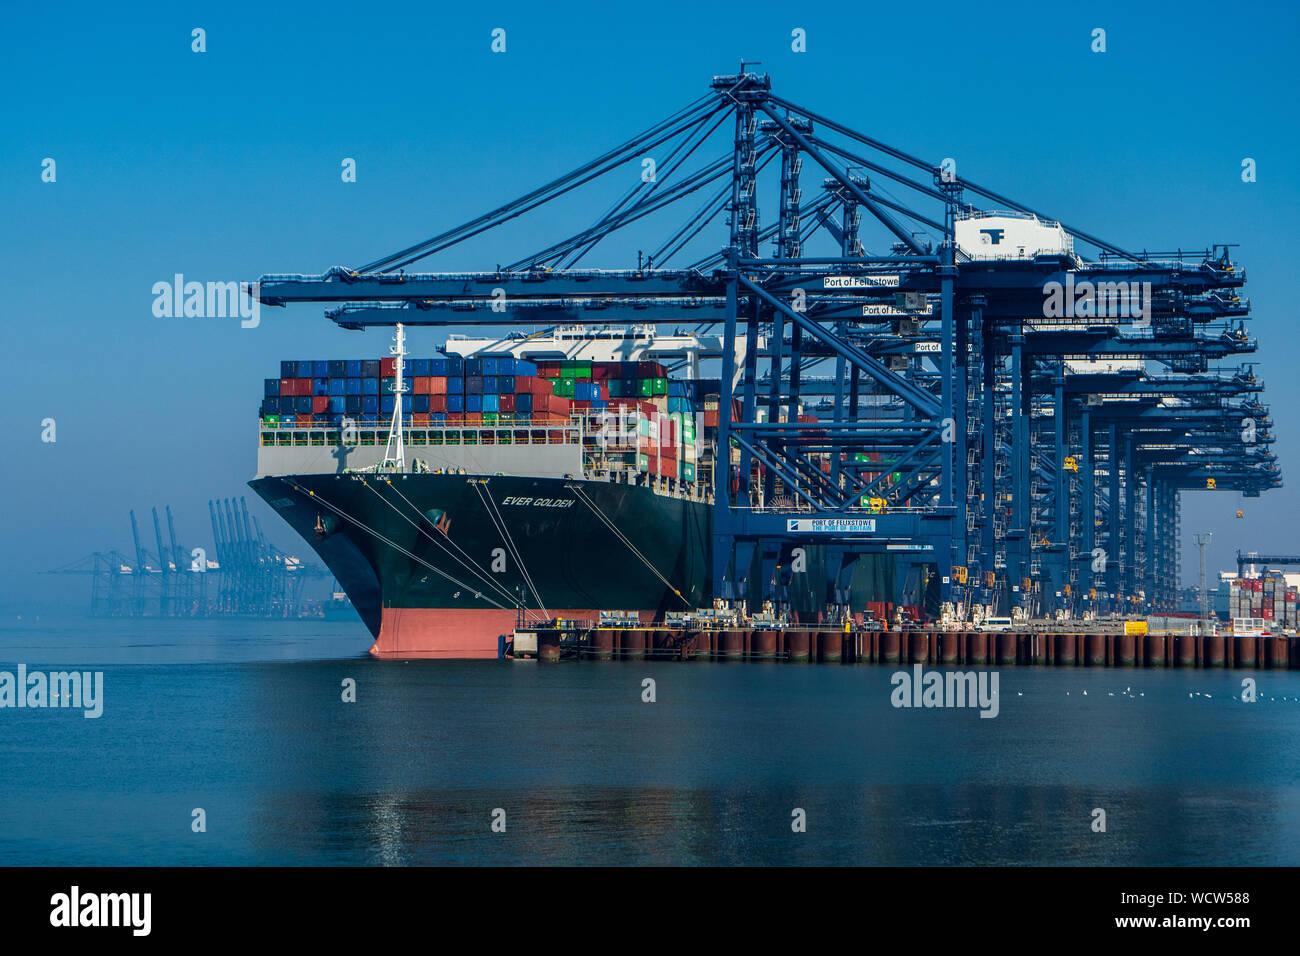 Global Britain - UK Handel im Felixstowe Container Port - das jemals Goldene Containerschiff entlädt Fracht im Hafen von Felixstowe UK Stockfoto